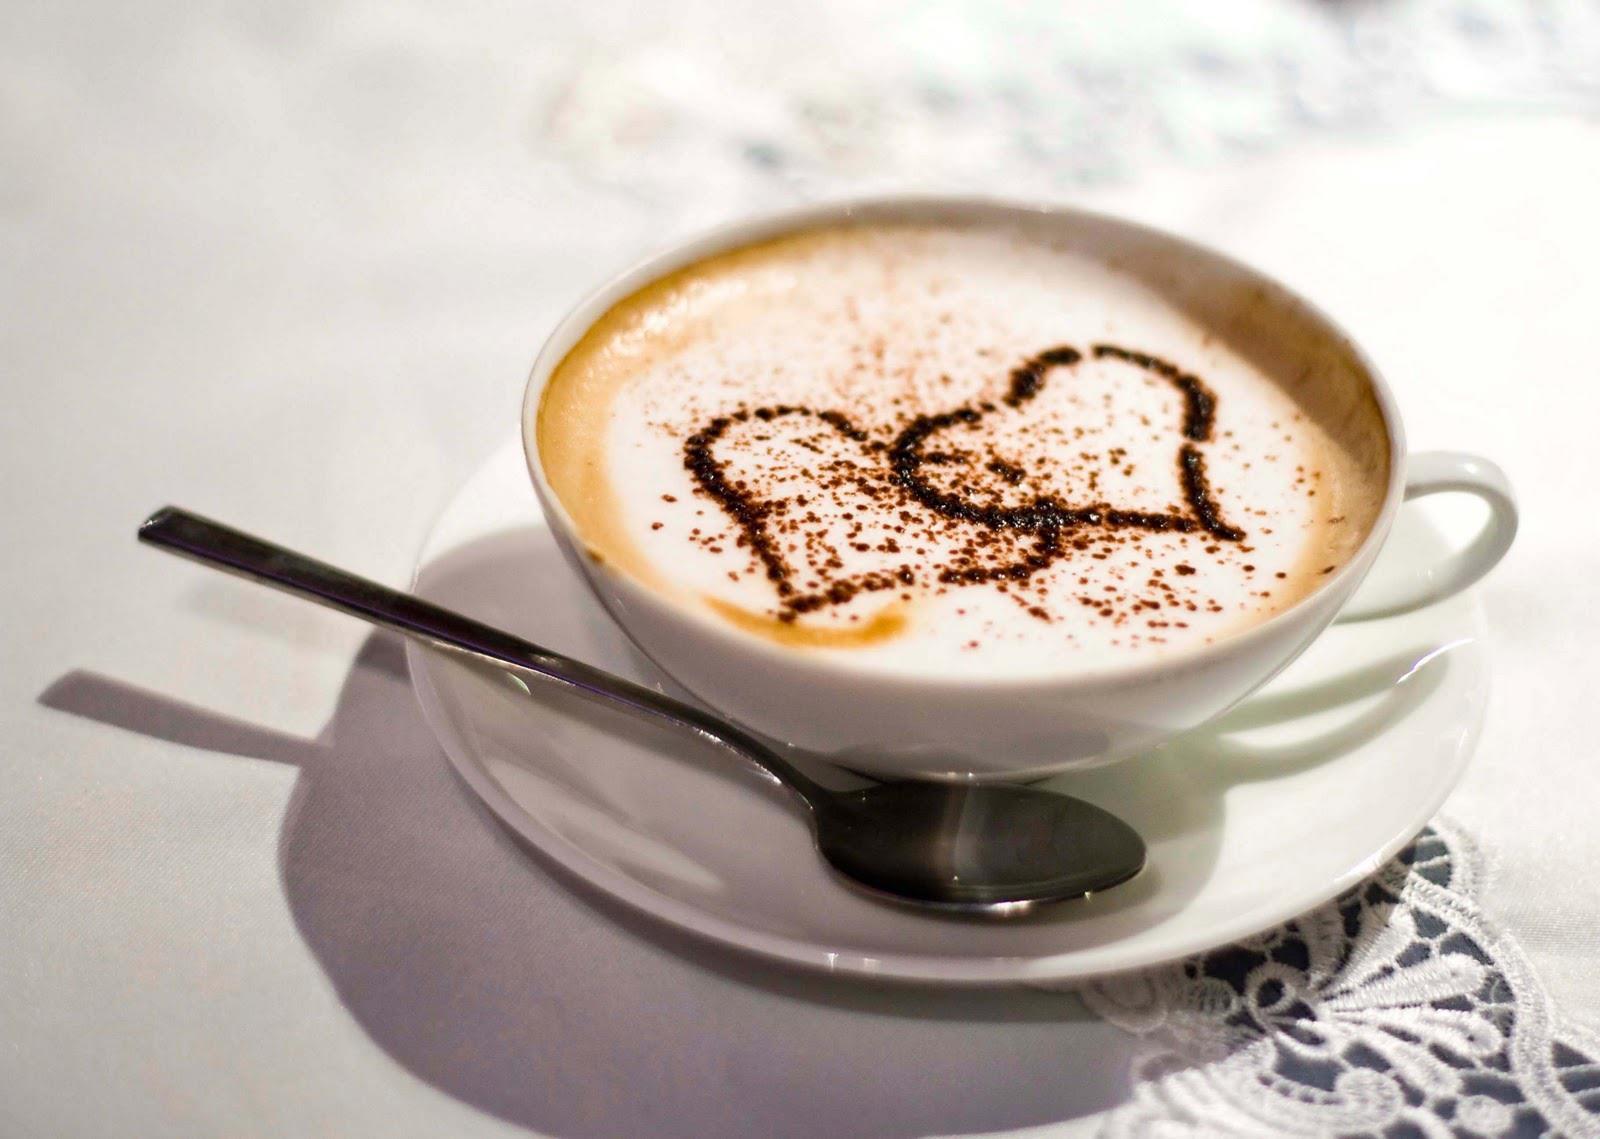 Cafeaua decofeinizata provine din culturi de slaba calitate